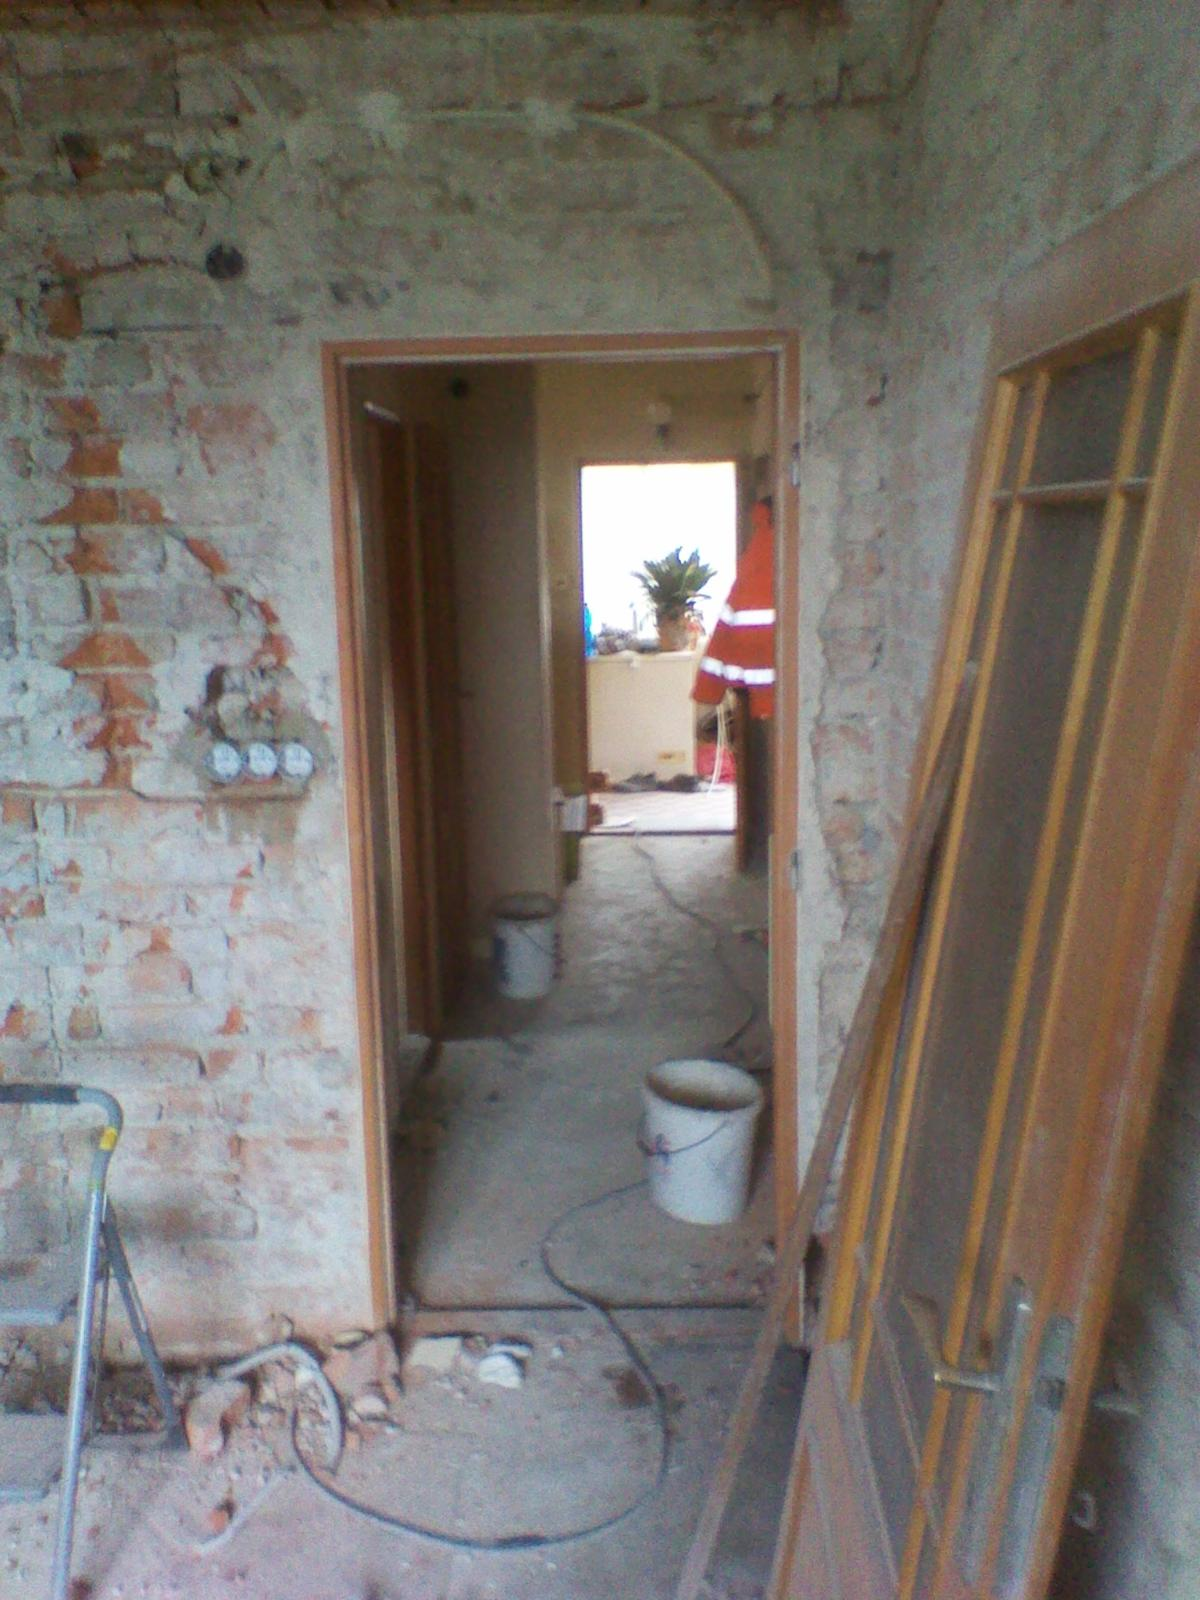 Rekonstrukce domu za 8 týdnů - Obrázek č. 34